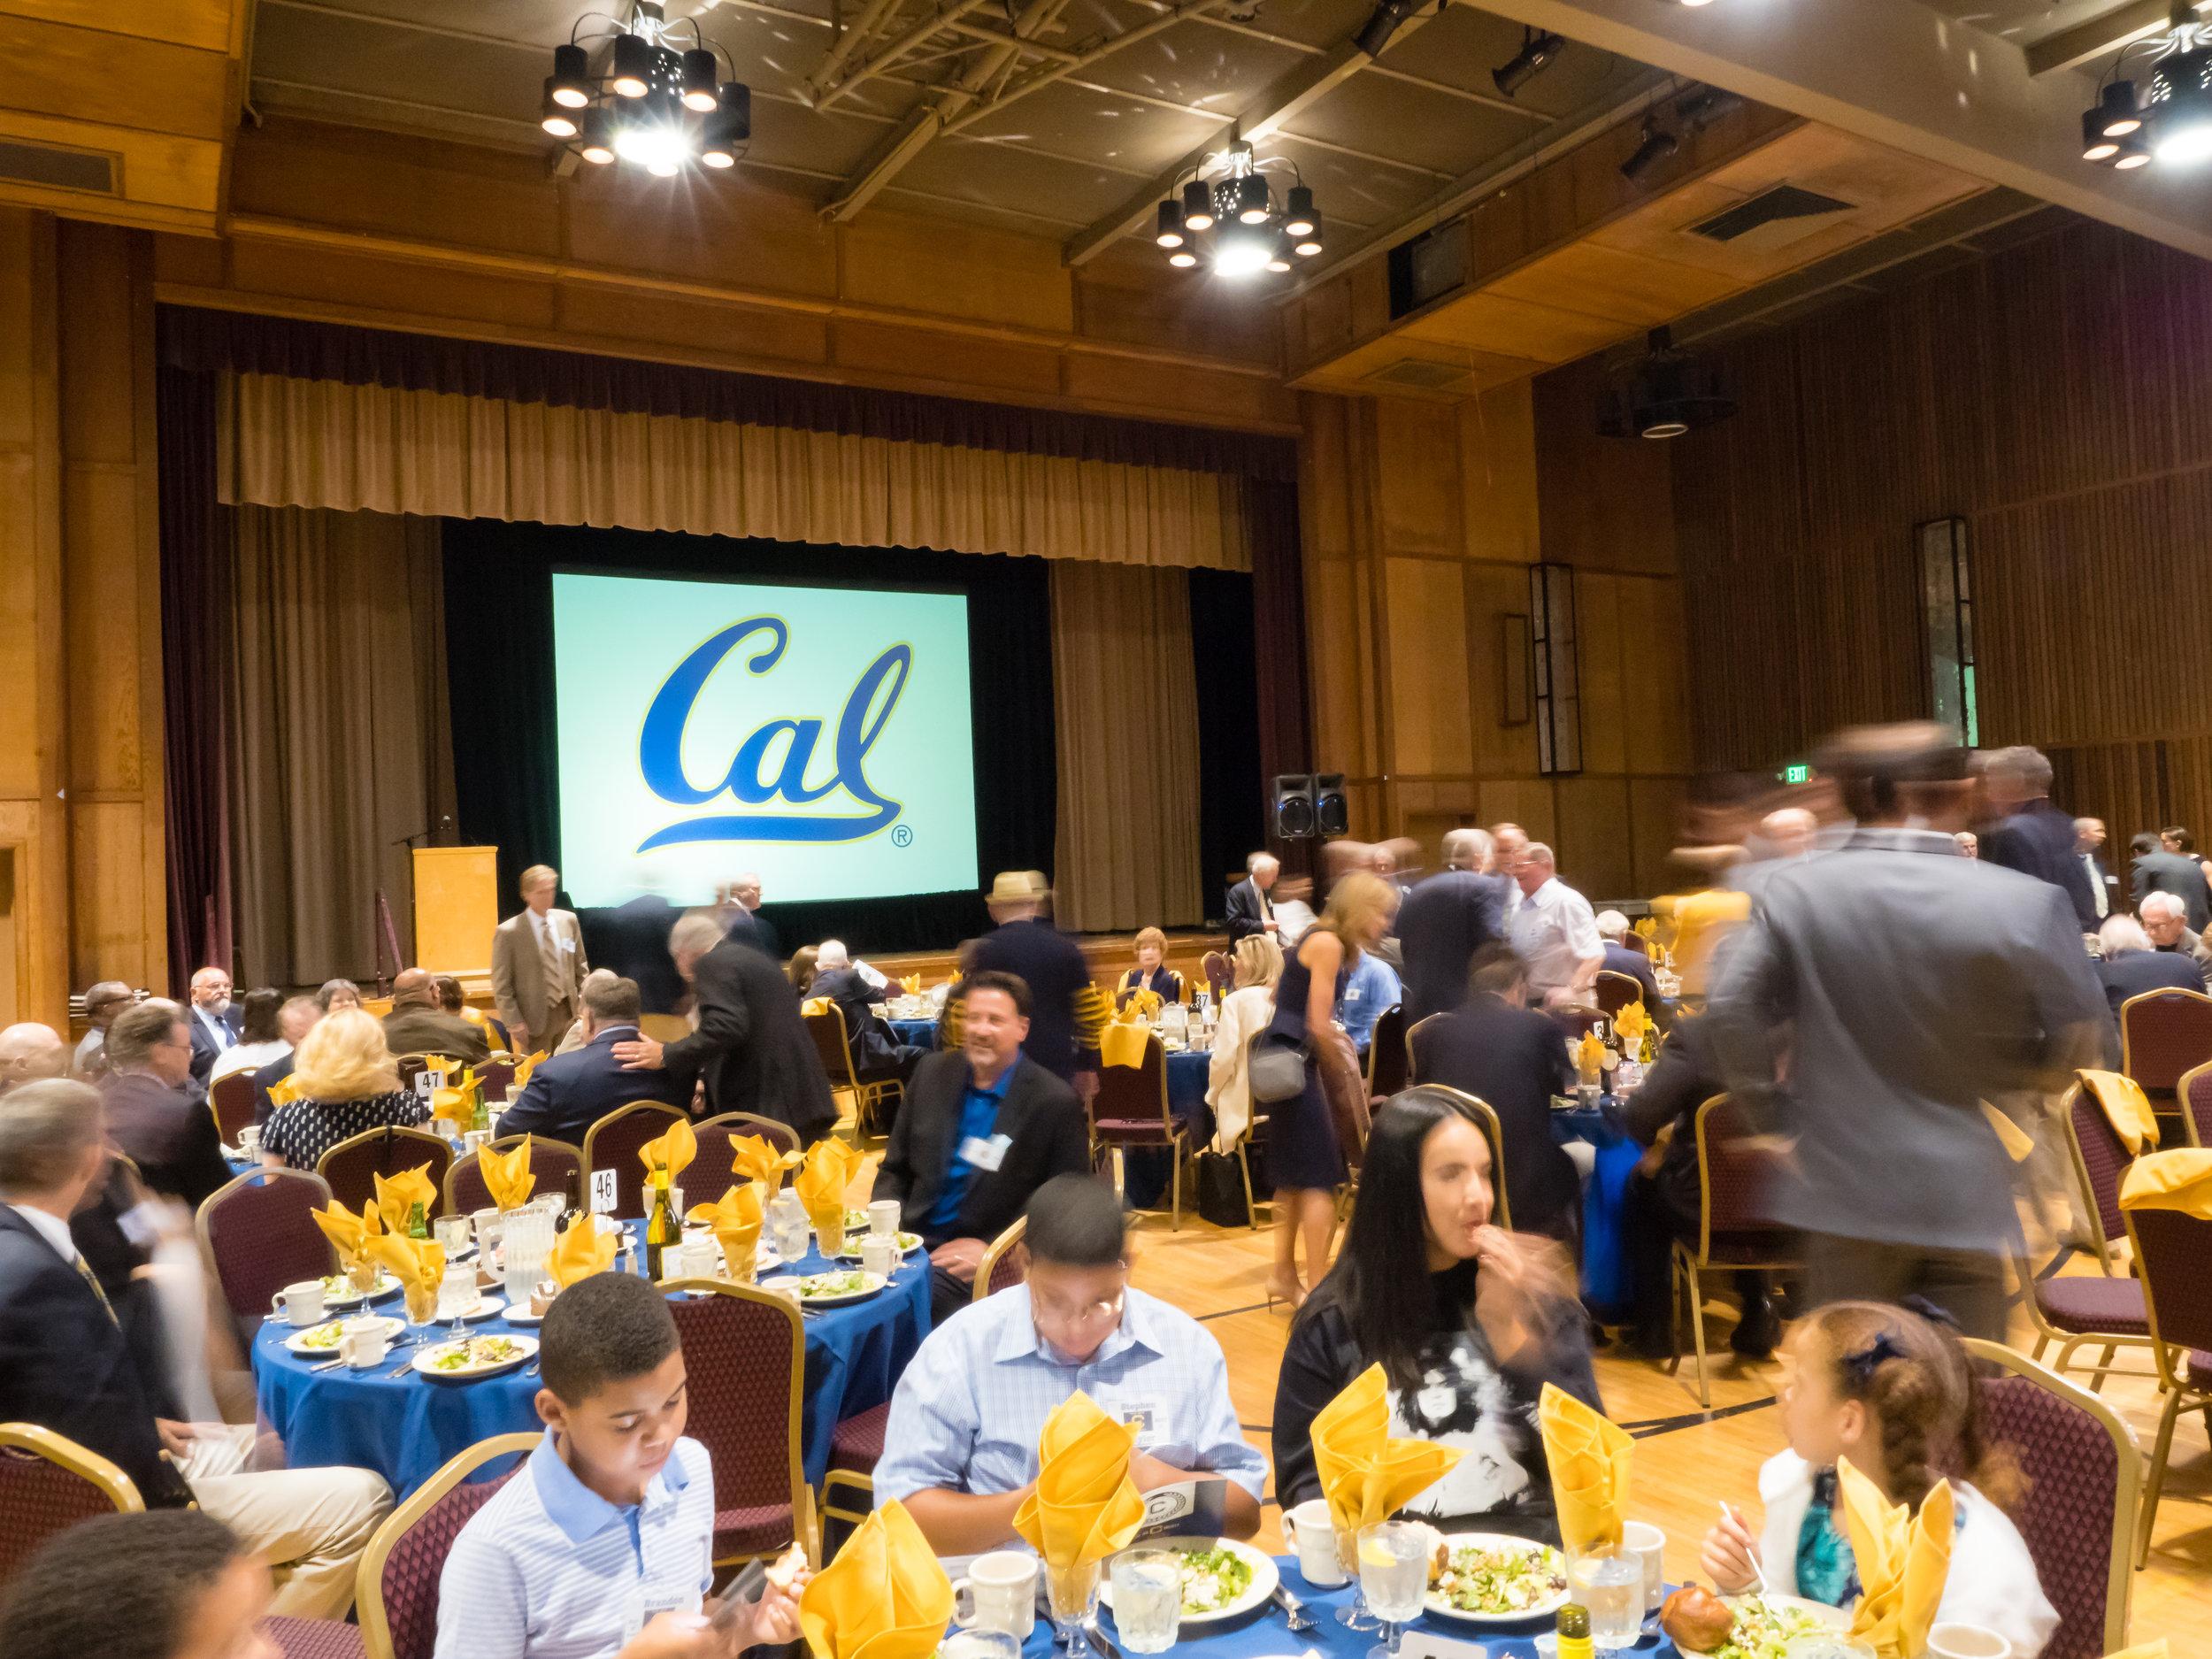 _Cal_Hall of Fame_20170908_190834_KLC-(ZF-9201-57652-1-952).jpg